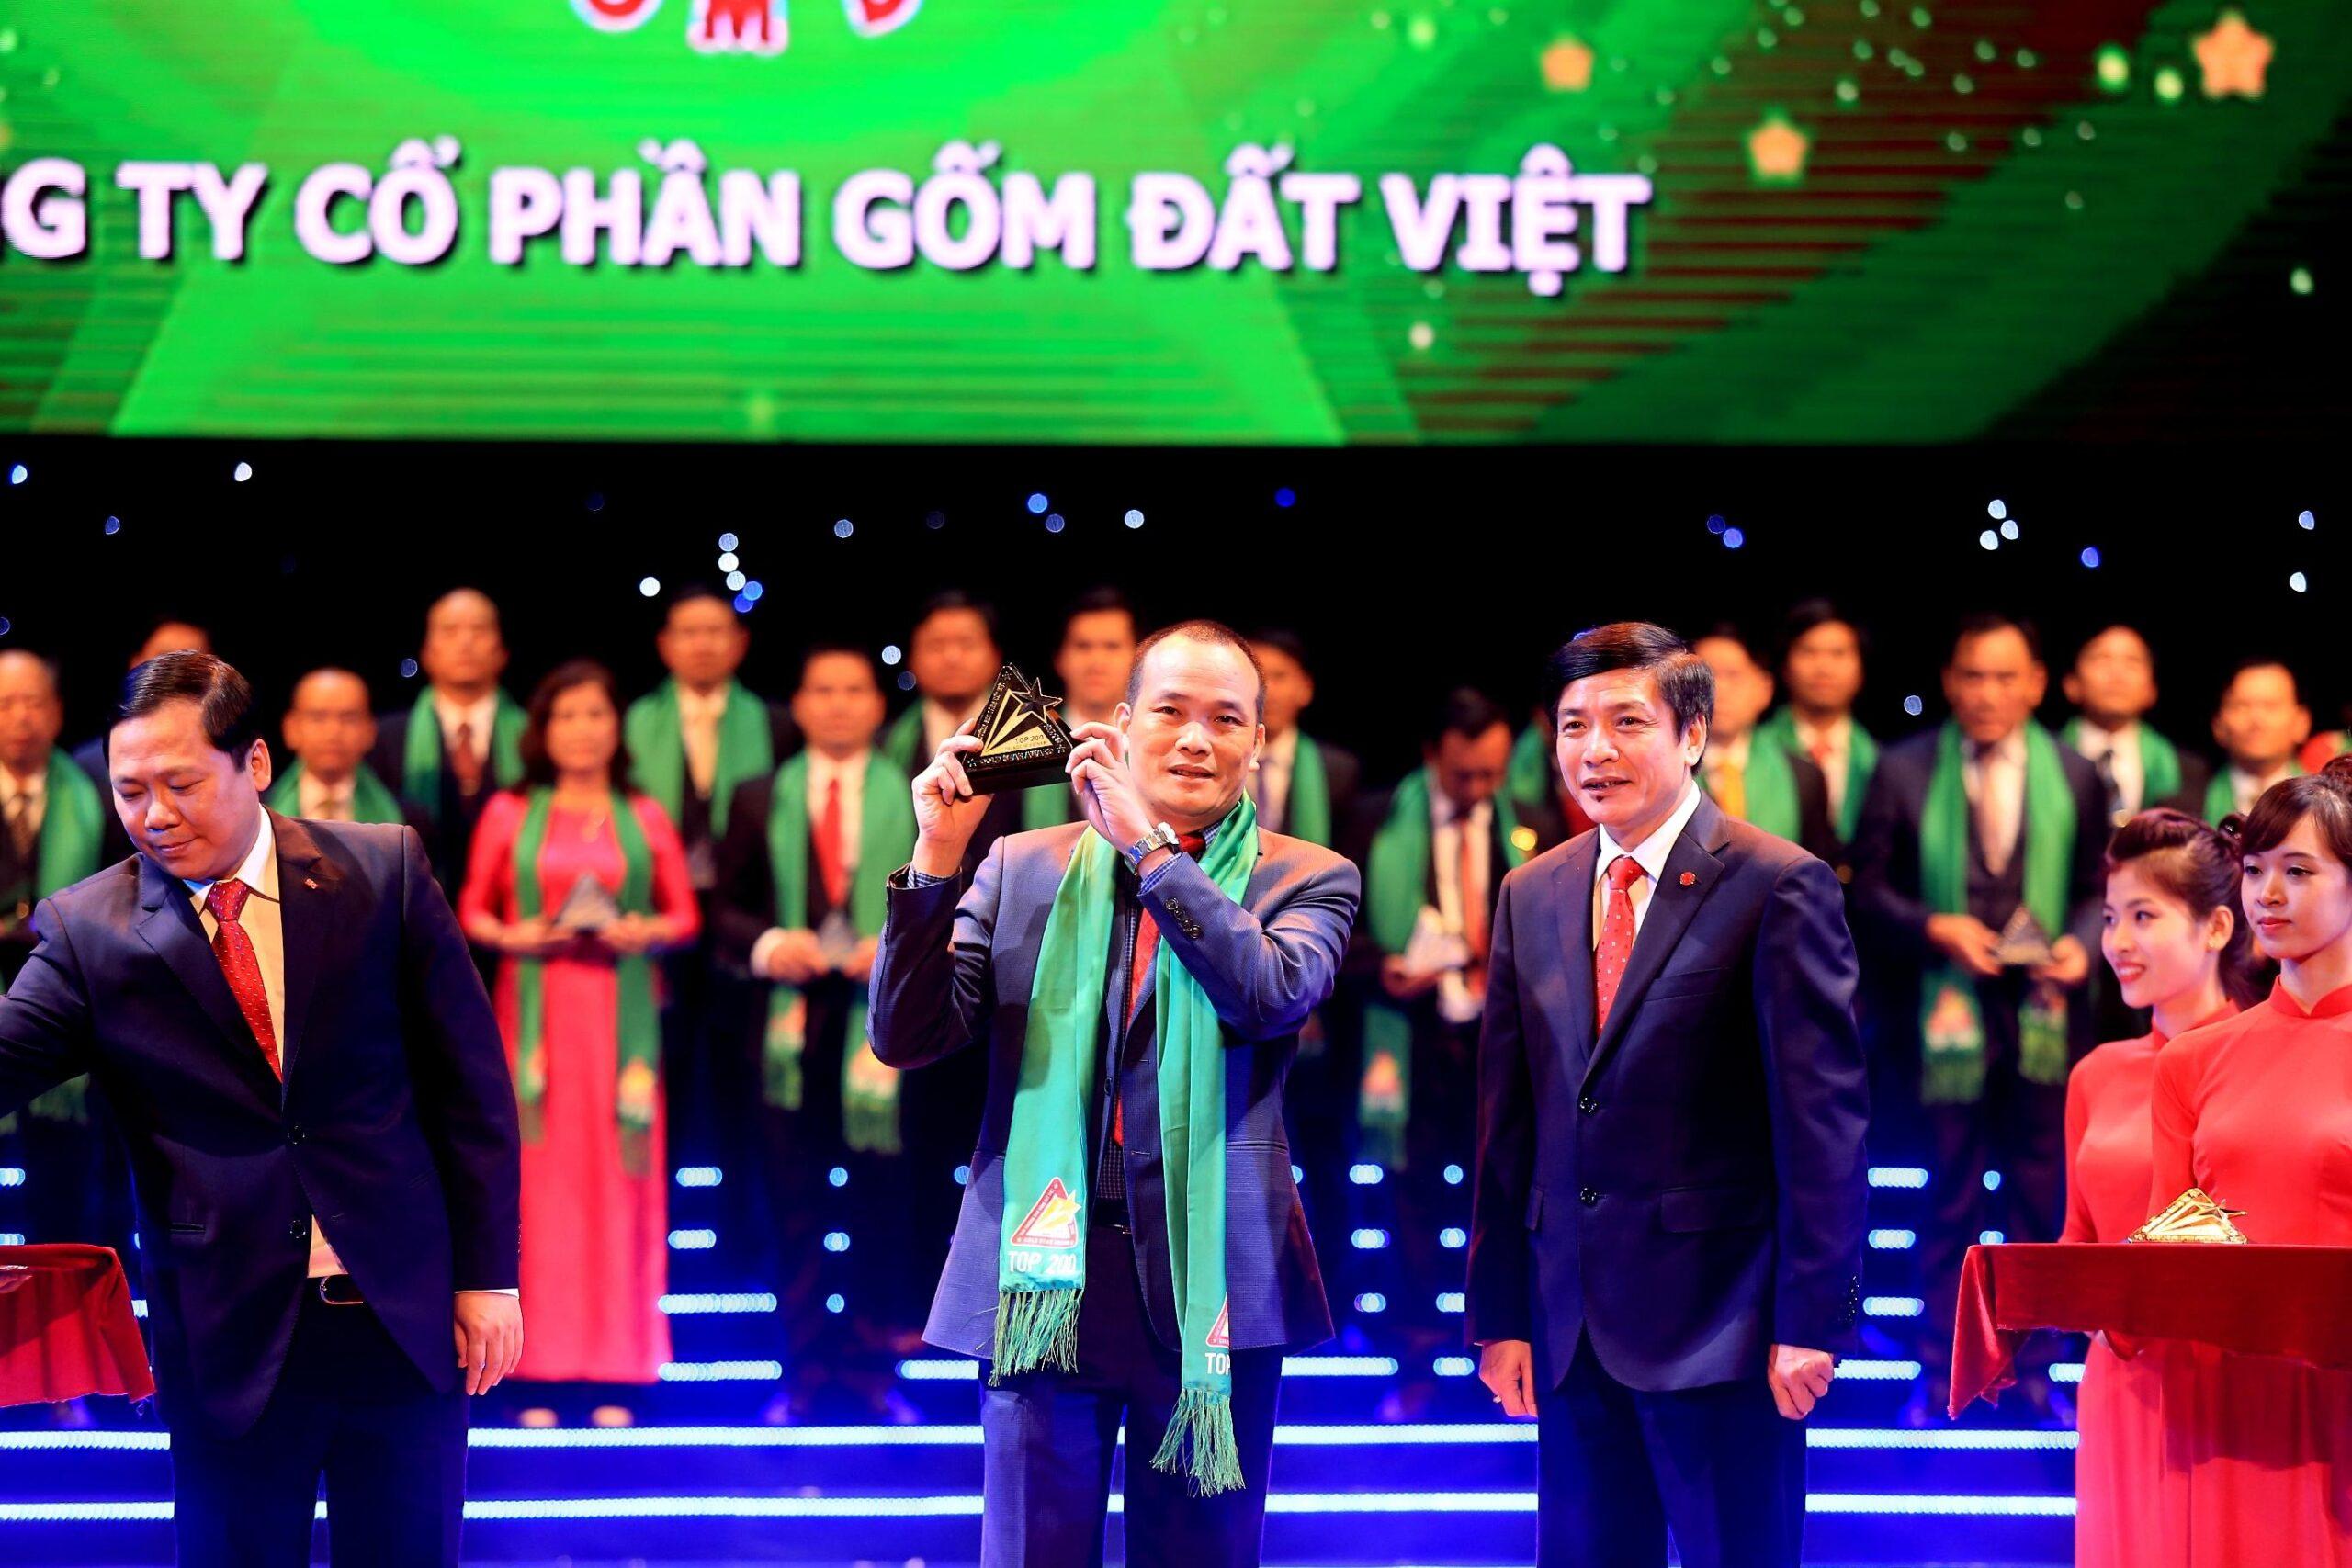 Ông Đồng Đức Chính, TGĐ Công ty CP Gốm Đất Việt nhận giải thưởng Sao vàng Đất Việt